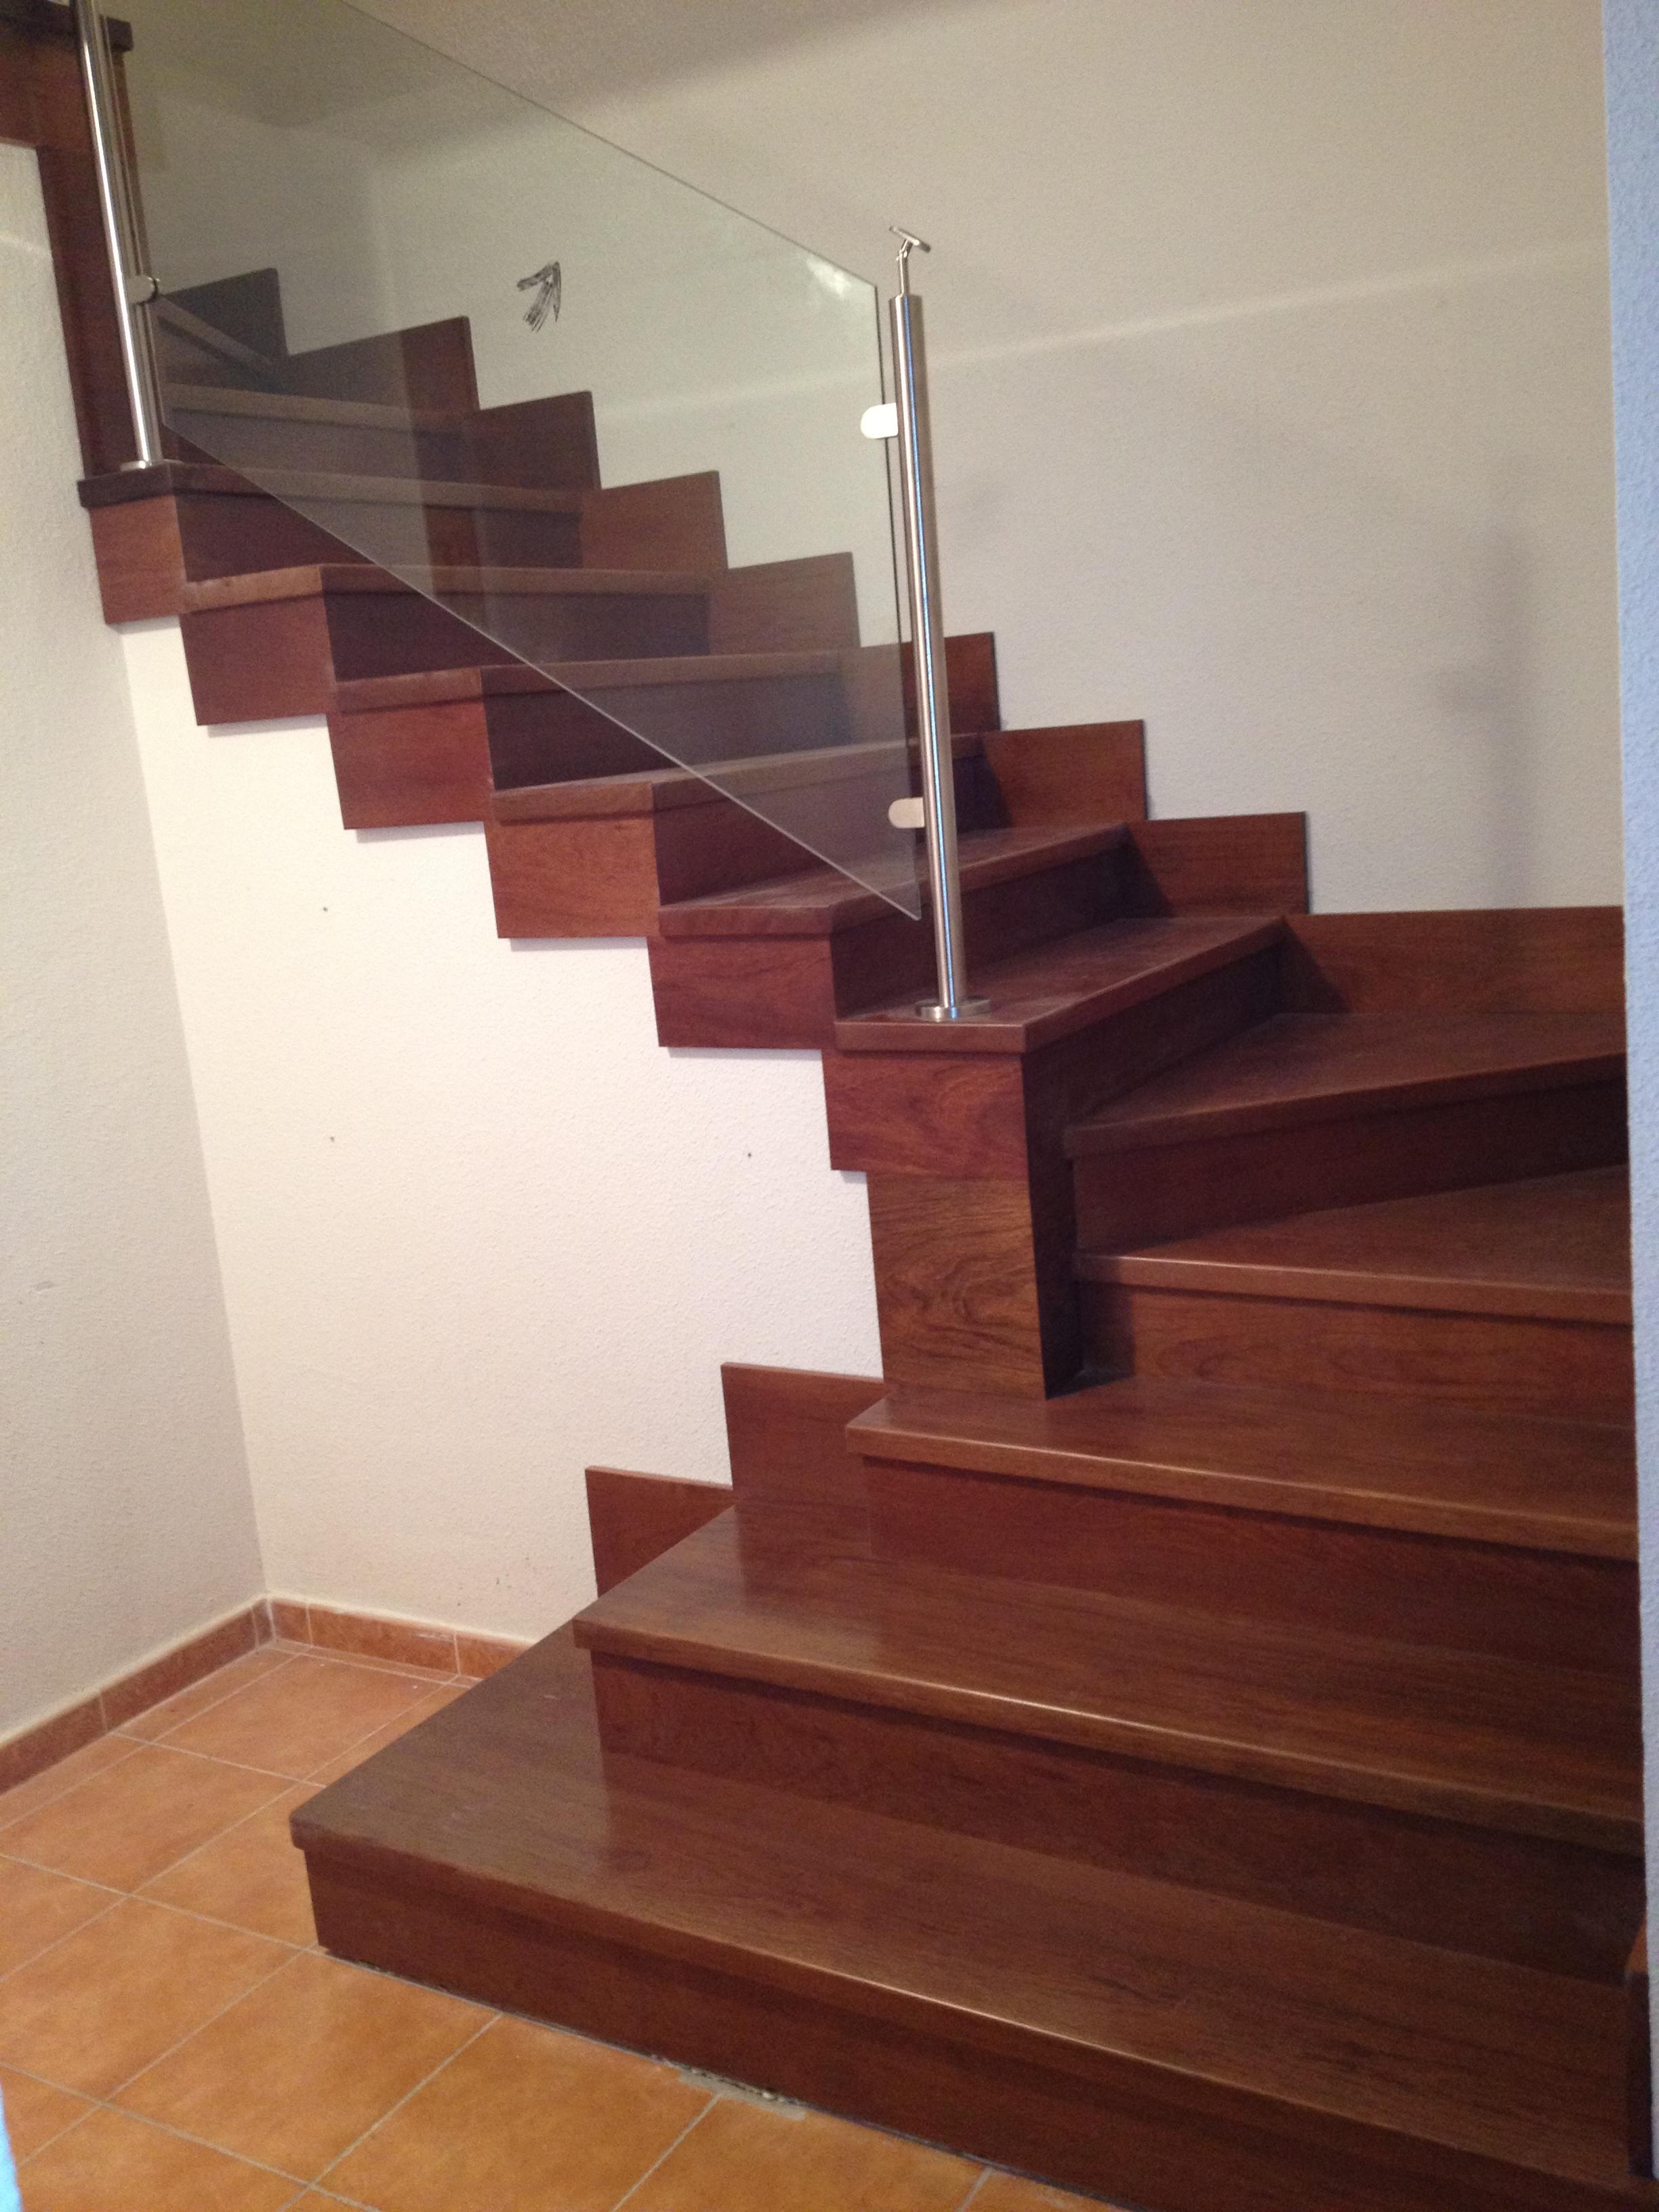 Carpinteria Ebanisteria Gomez Garcia Trabajos - Escaleras-de-cristal-y-madera